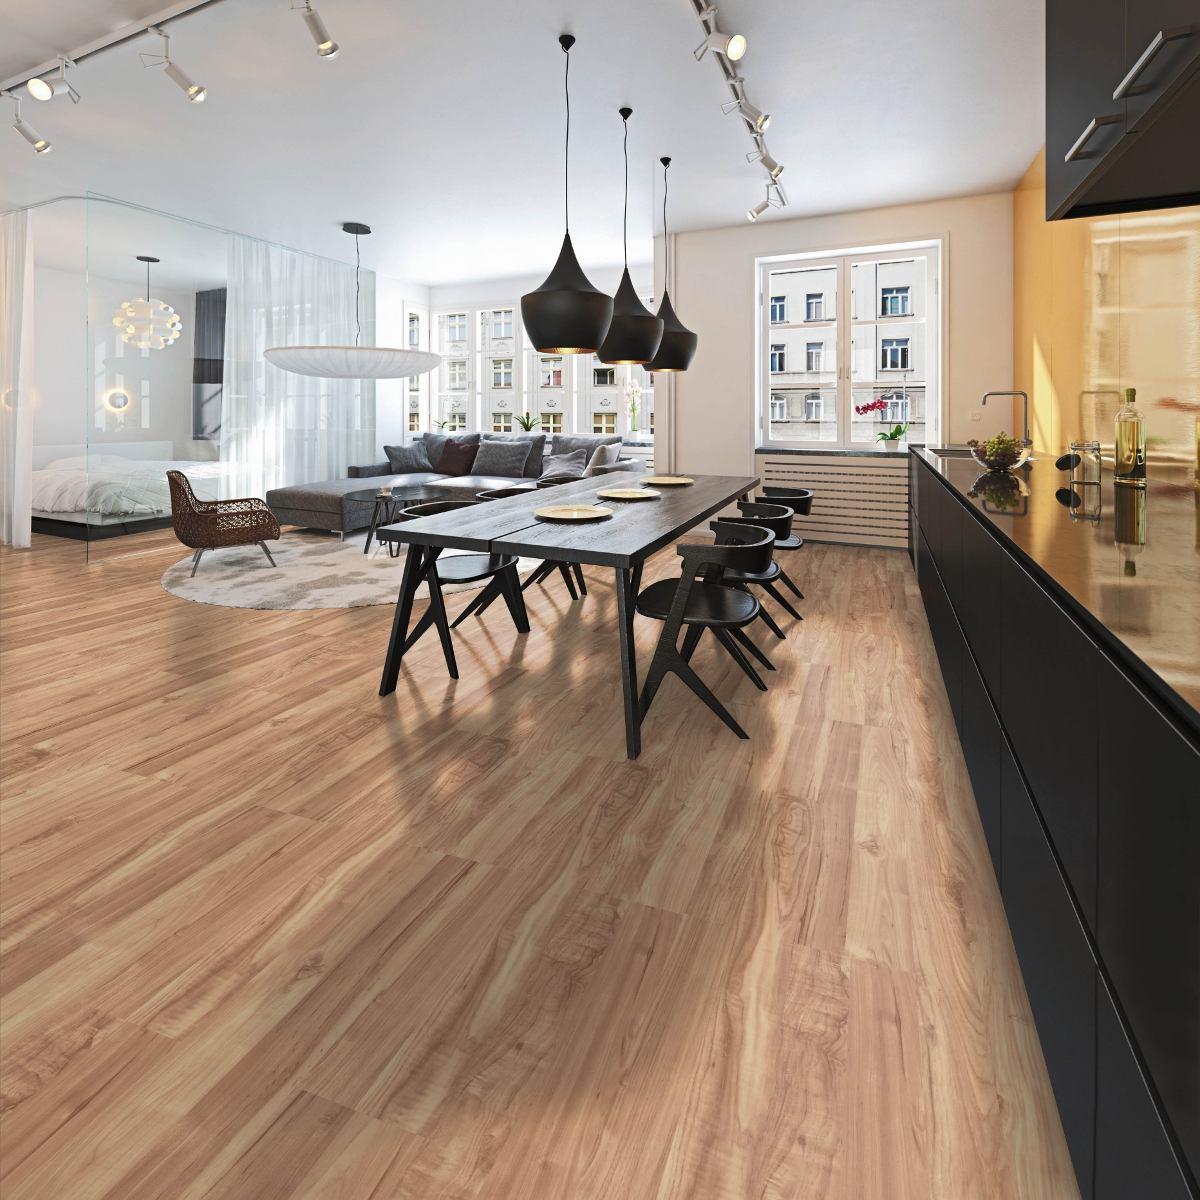 oferta en pisos laminados m2 somos distribuidores en mercado libre. Black Bedroom Furniture Sets. Home Design Ideas